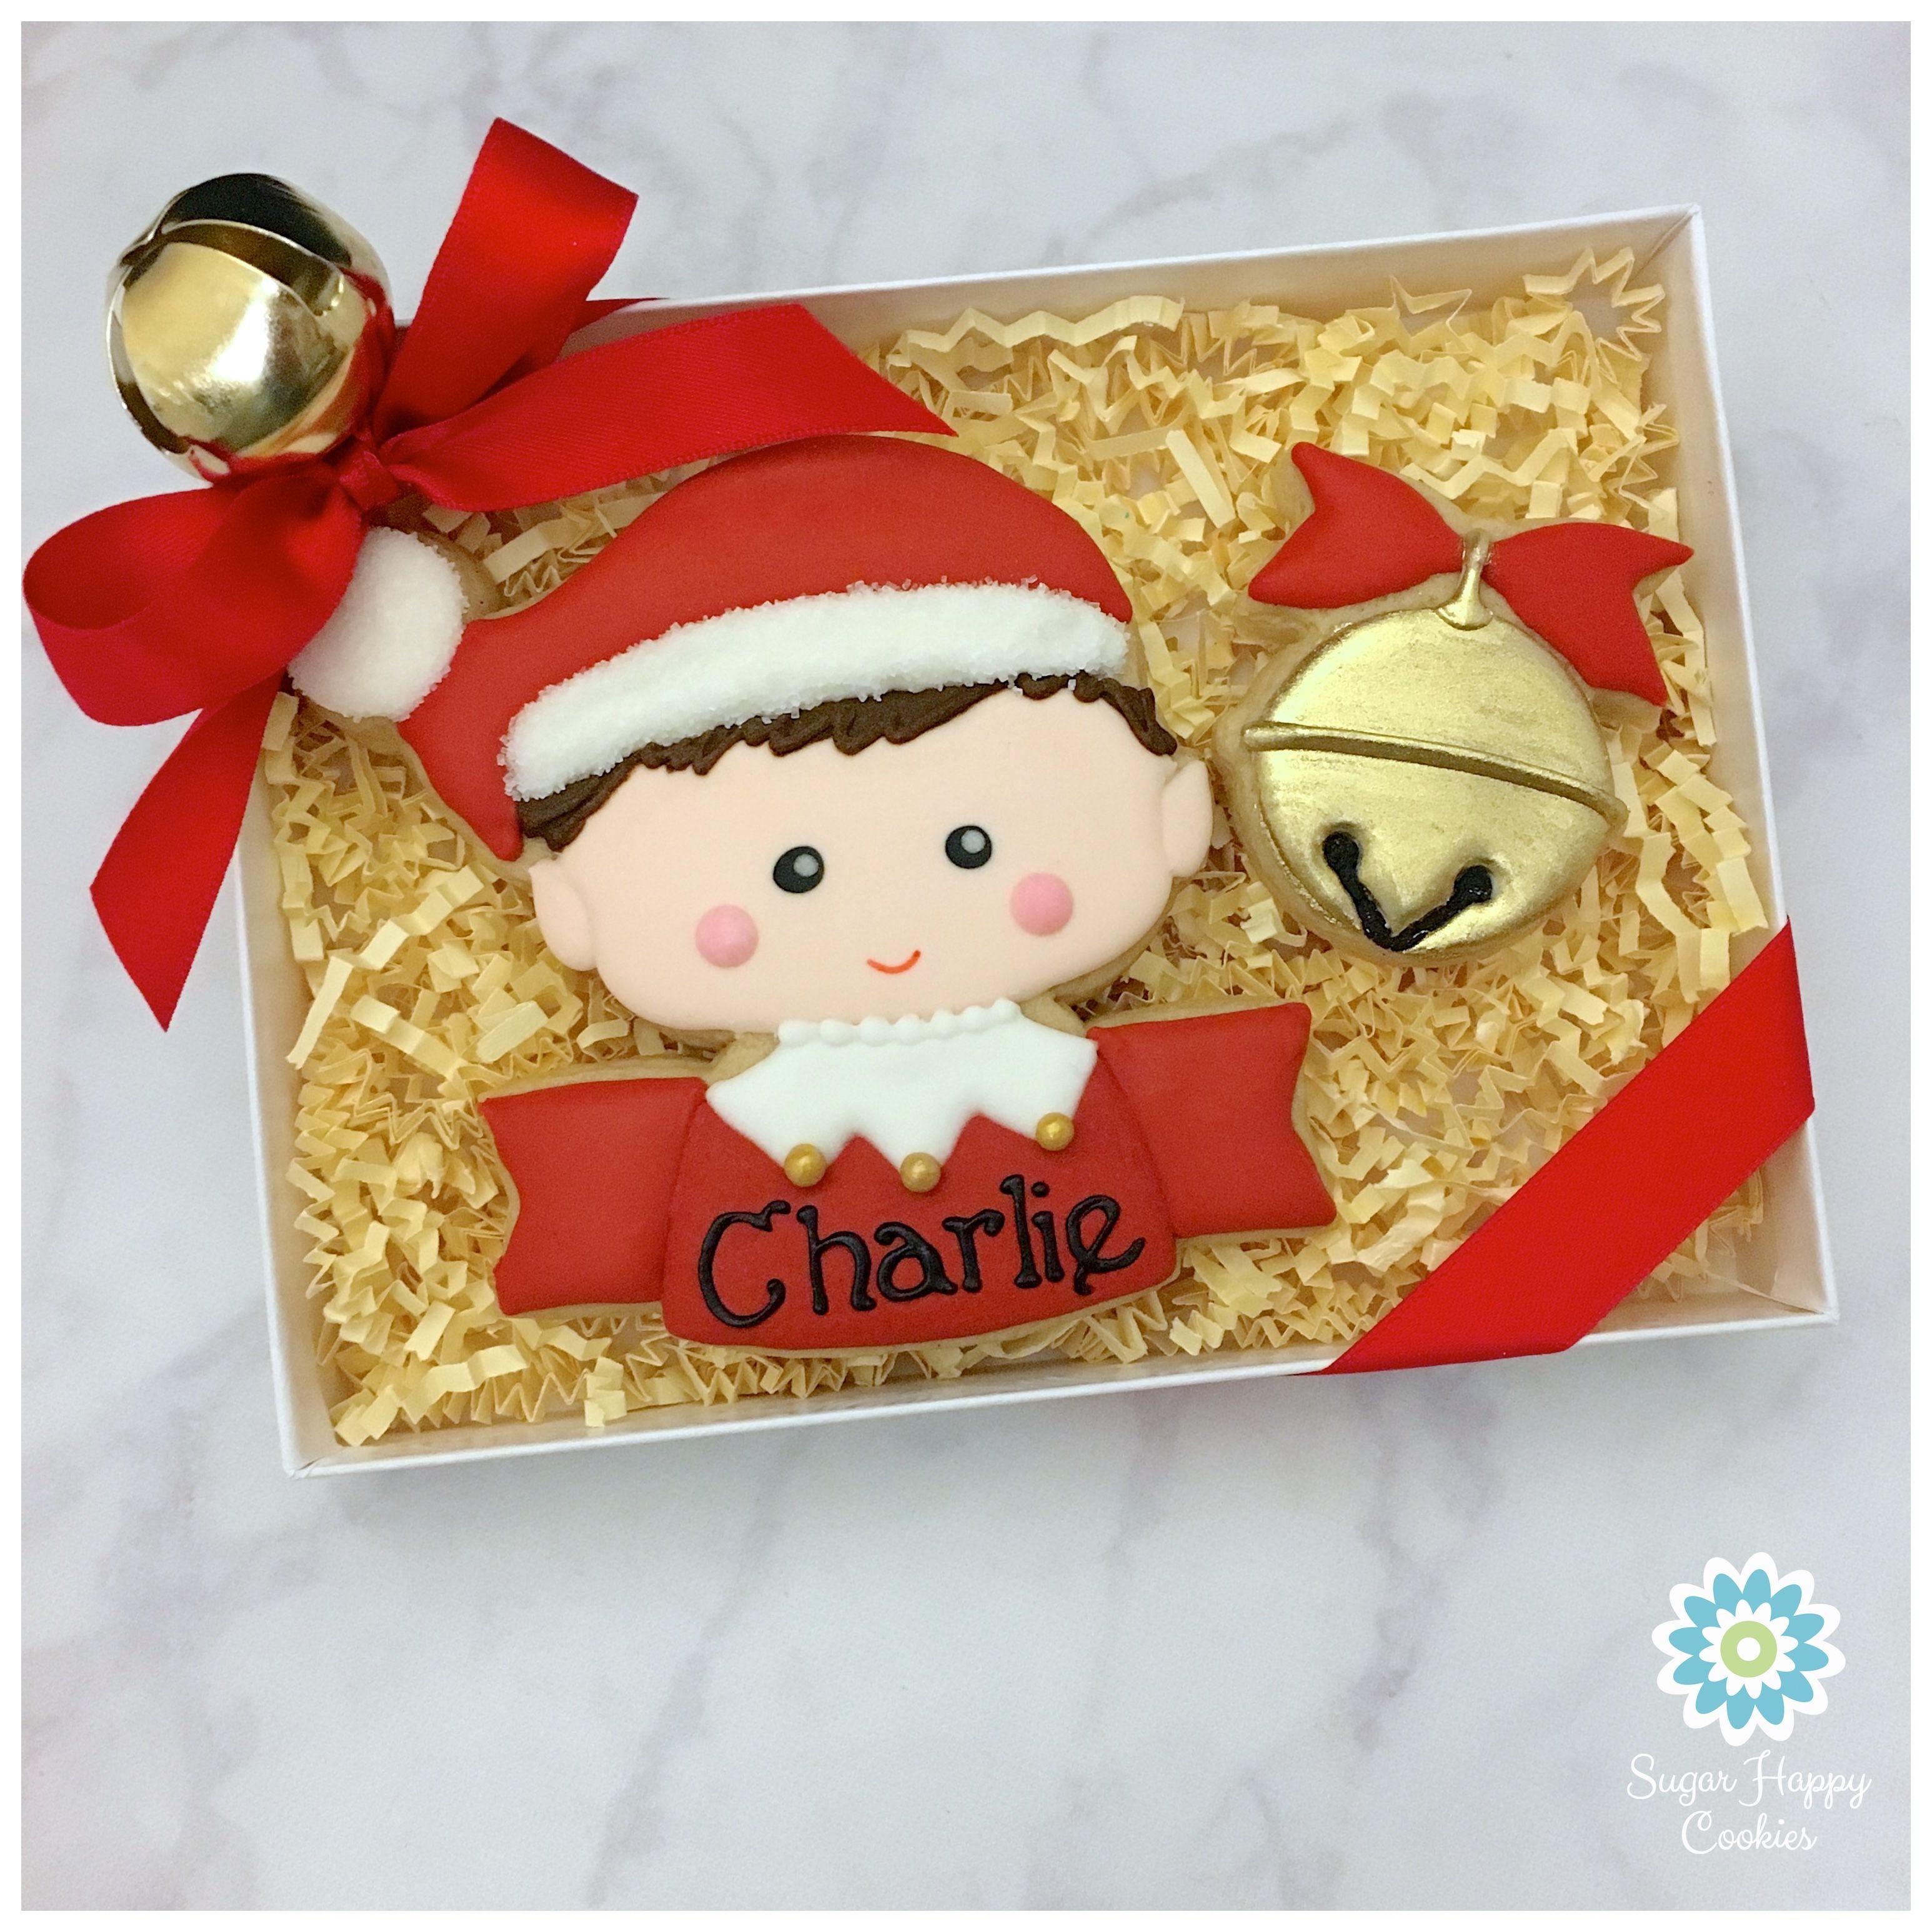 Elf Gift Box, Sugar Cookie, Jingle Bell Cookie, Elf On